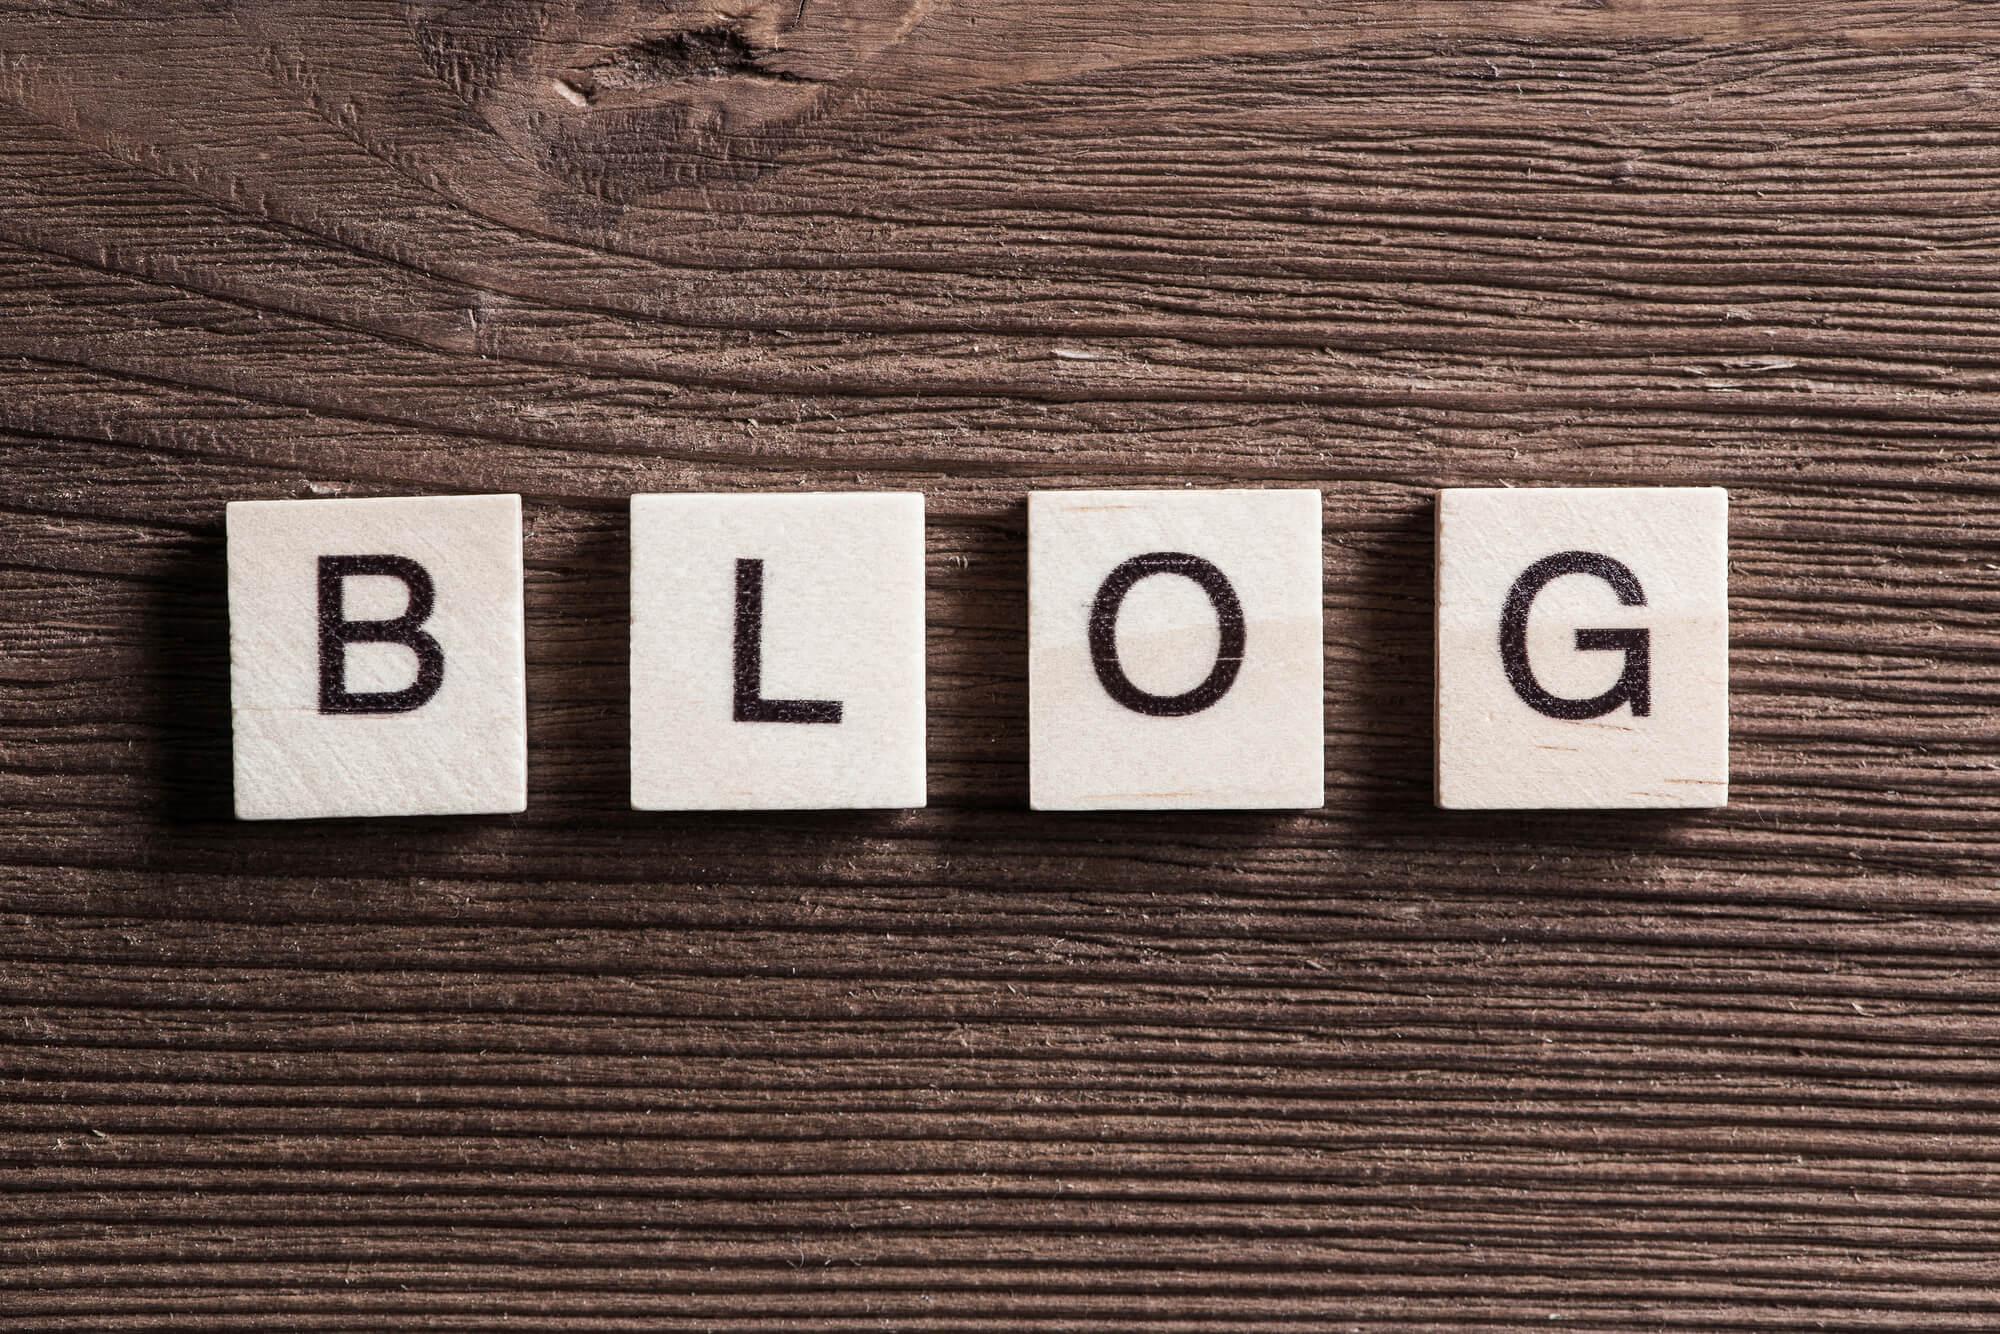 スピリチュアルブログを巡ってみましょう